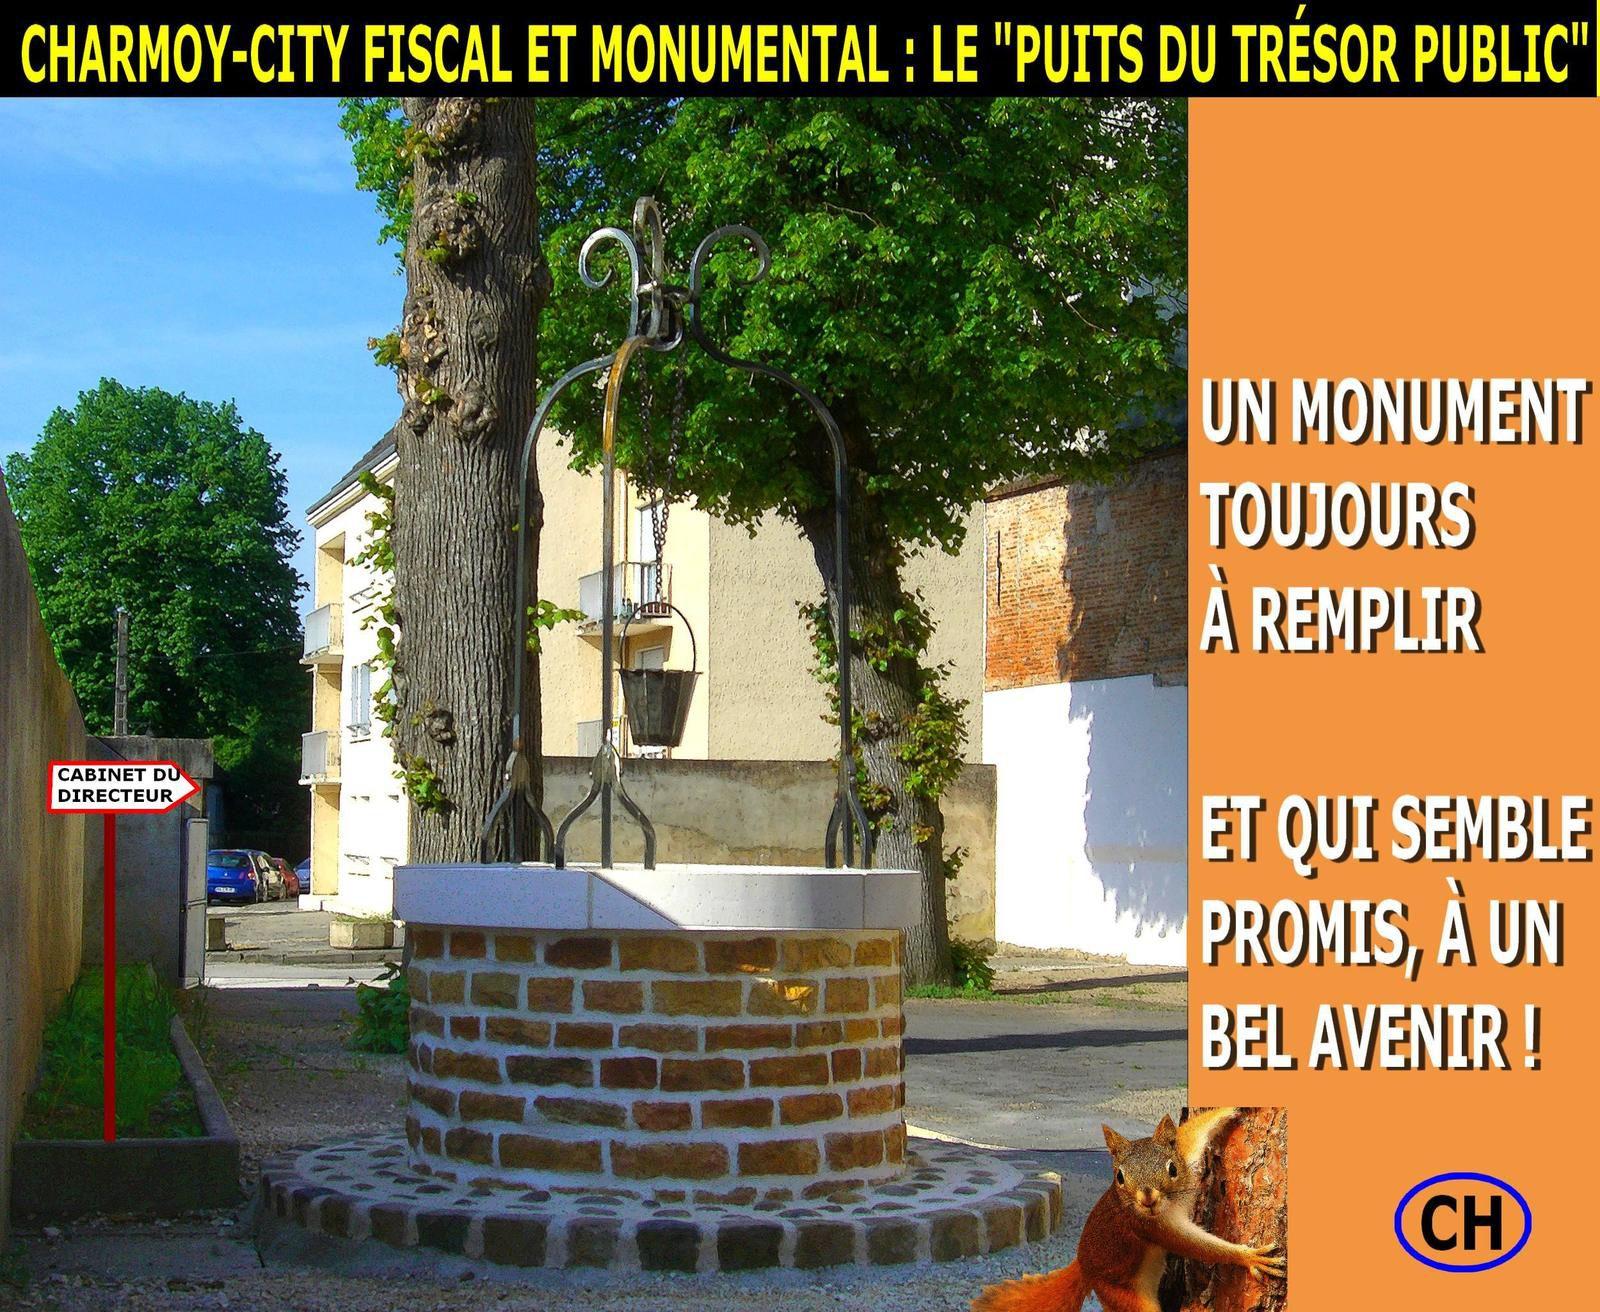 Charmoy-City fiscal et monumental, le puits du trésor public.jpg